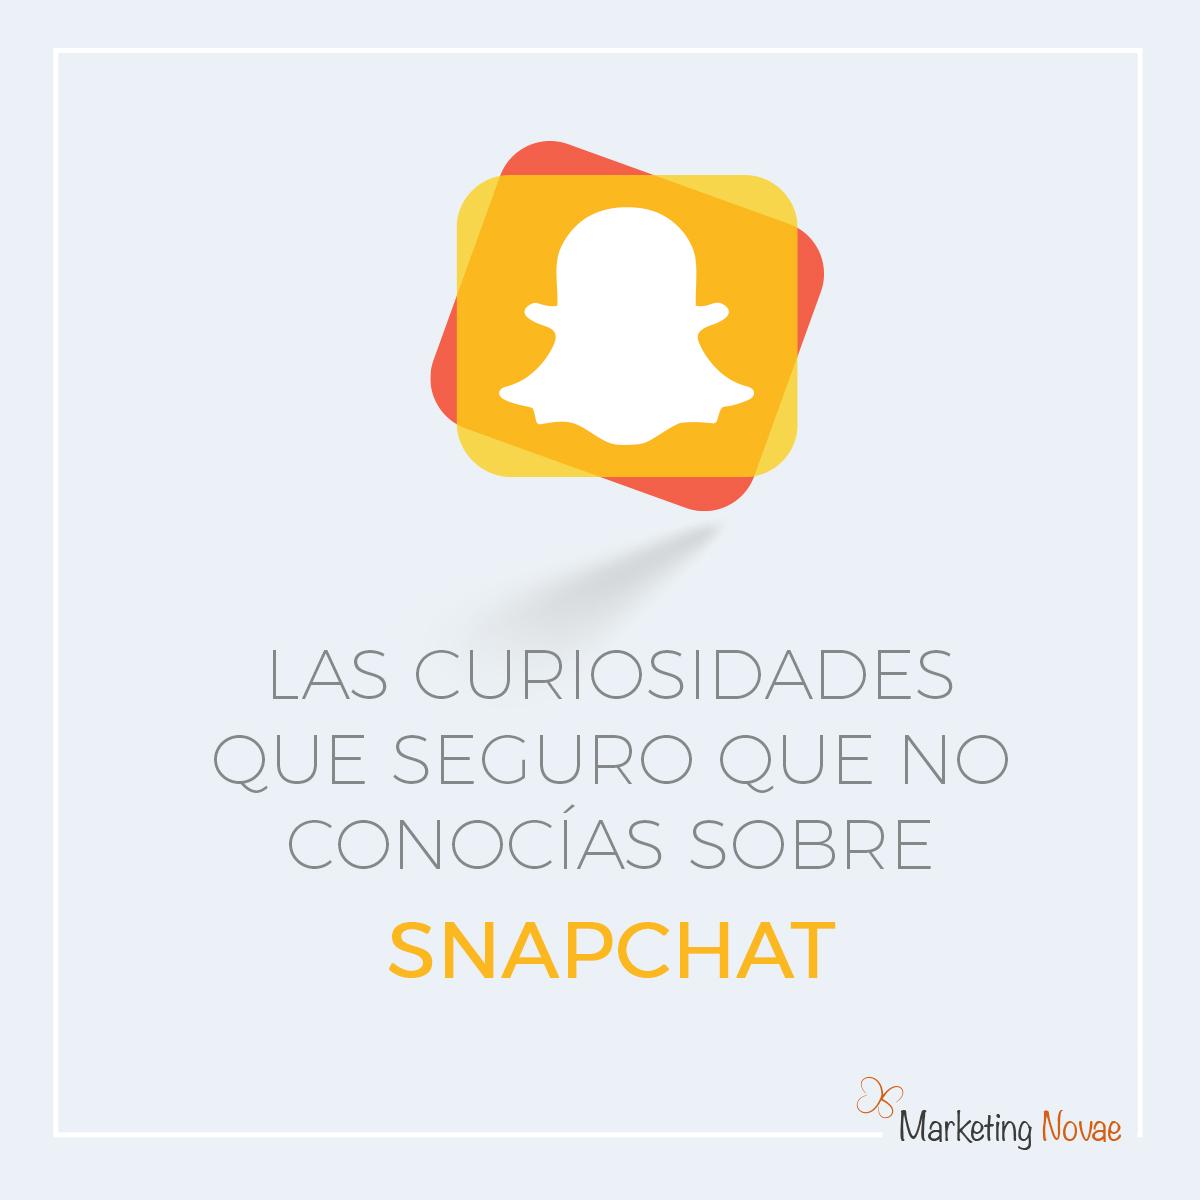 Curiosidades sobre Snapchat que seguro que no conocías